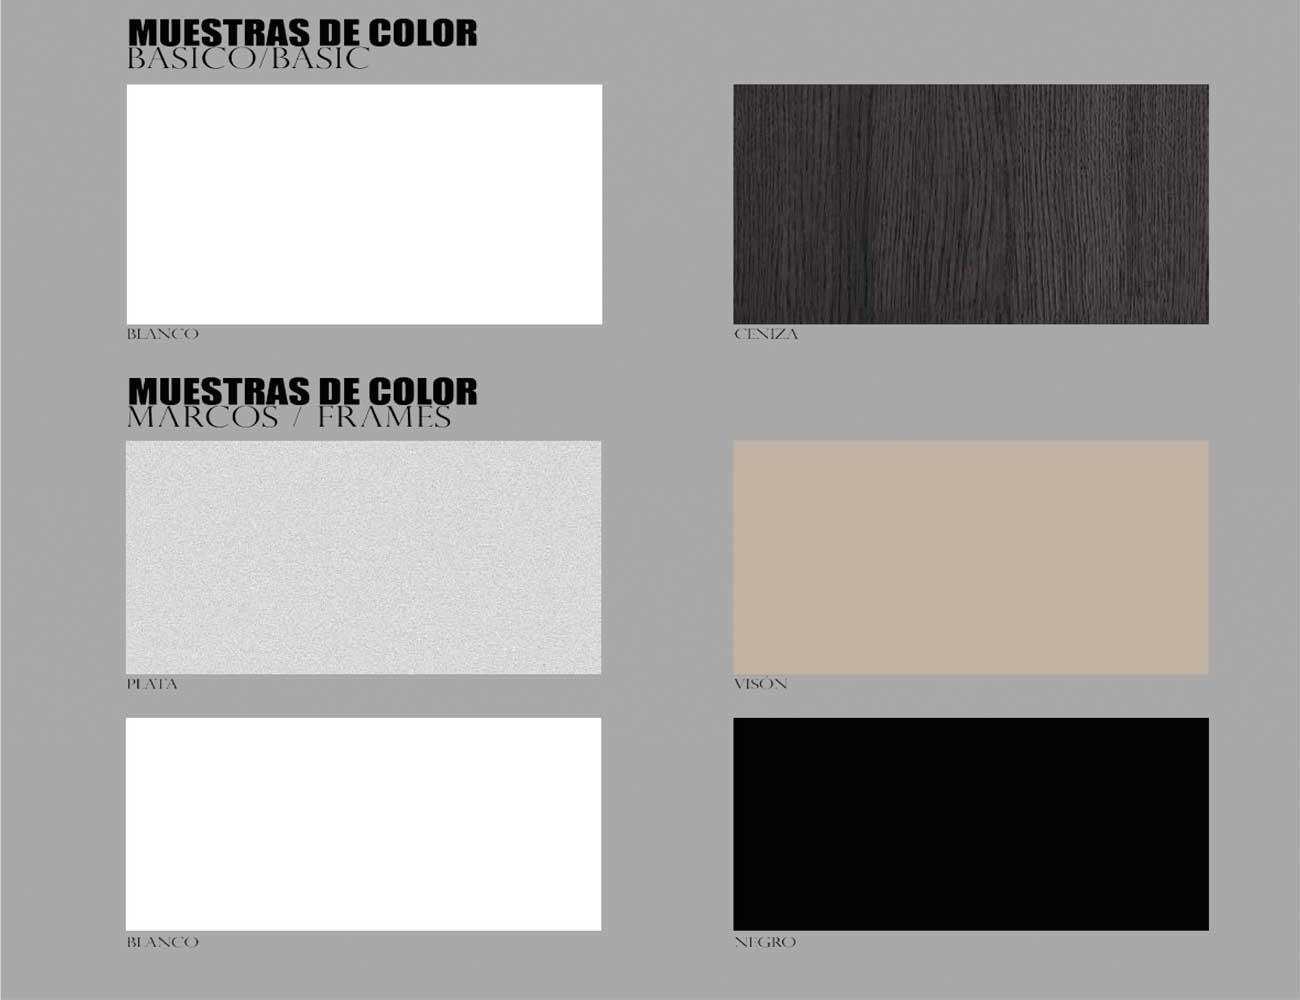 Colores tecnico4